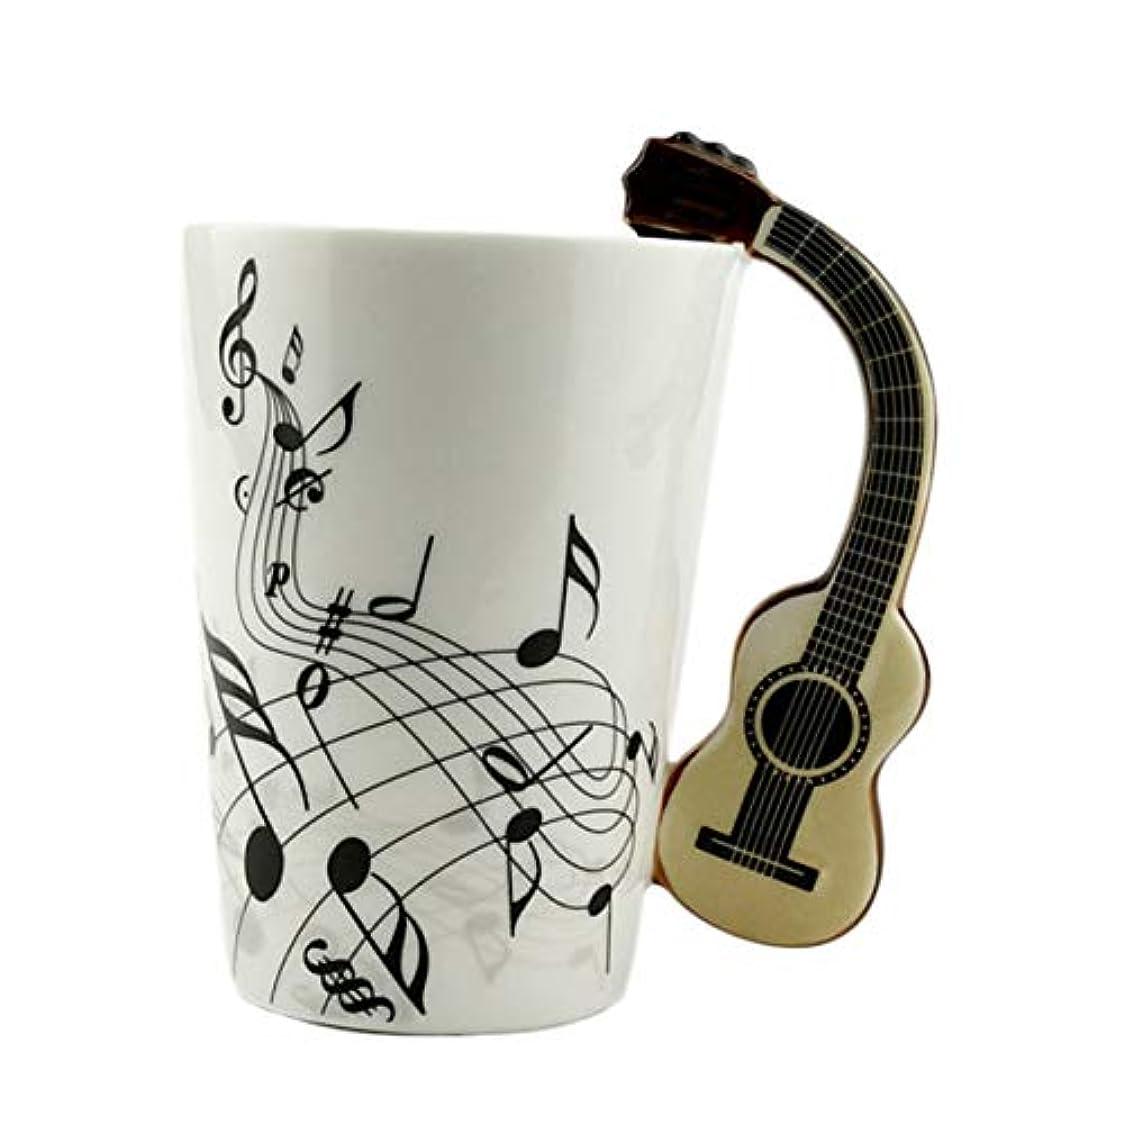 不名誉大惨事想定するSaikogoods ノベルティアートセラミックマグカップ楽器は スタイルのコーヒーミルクカップクリスマスギフトホームオフィスカップ グラスに注意してください。 ホワイトボディギター